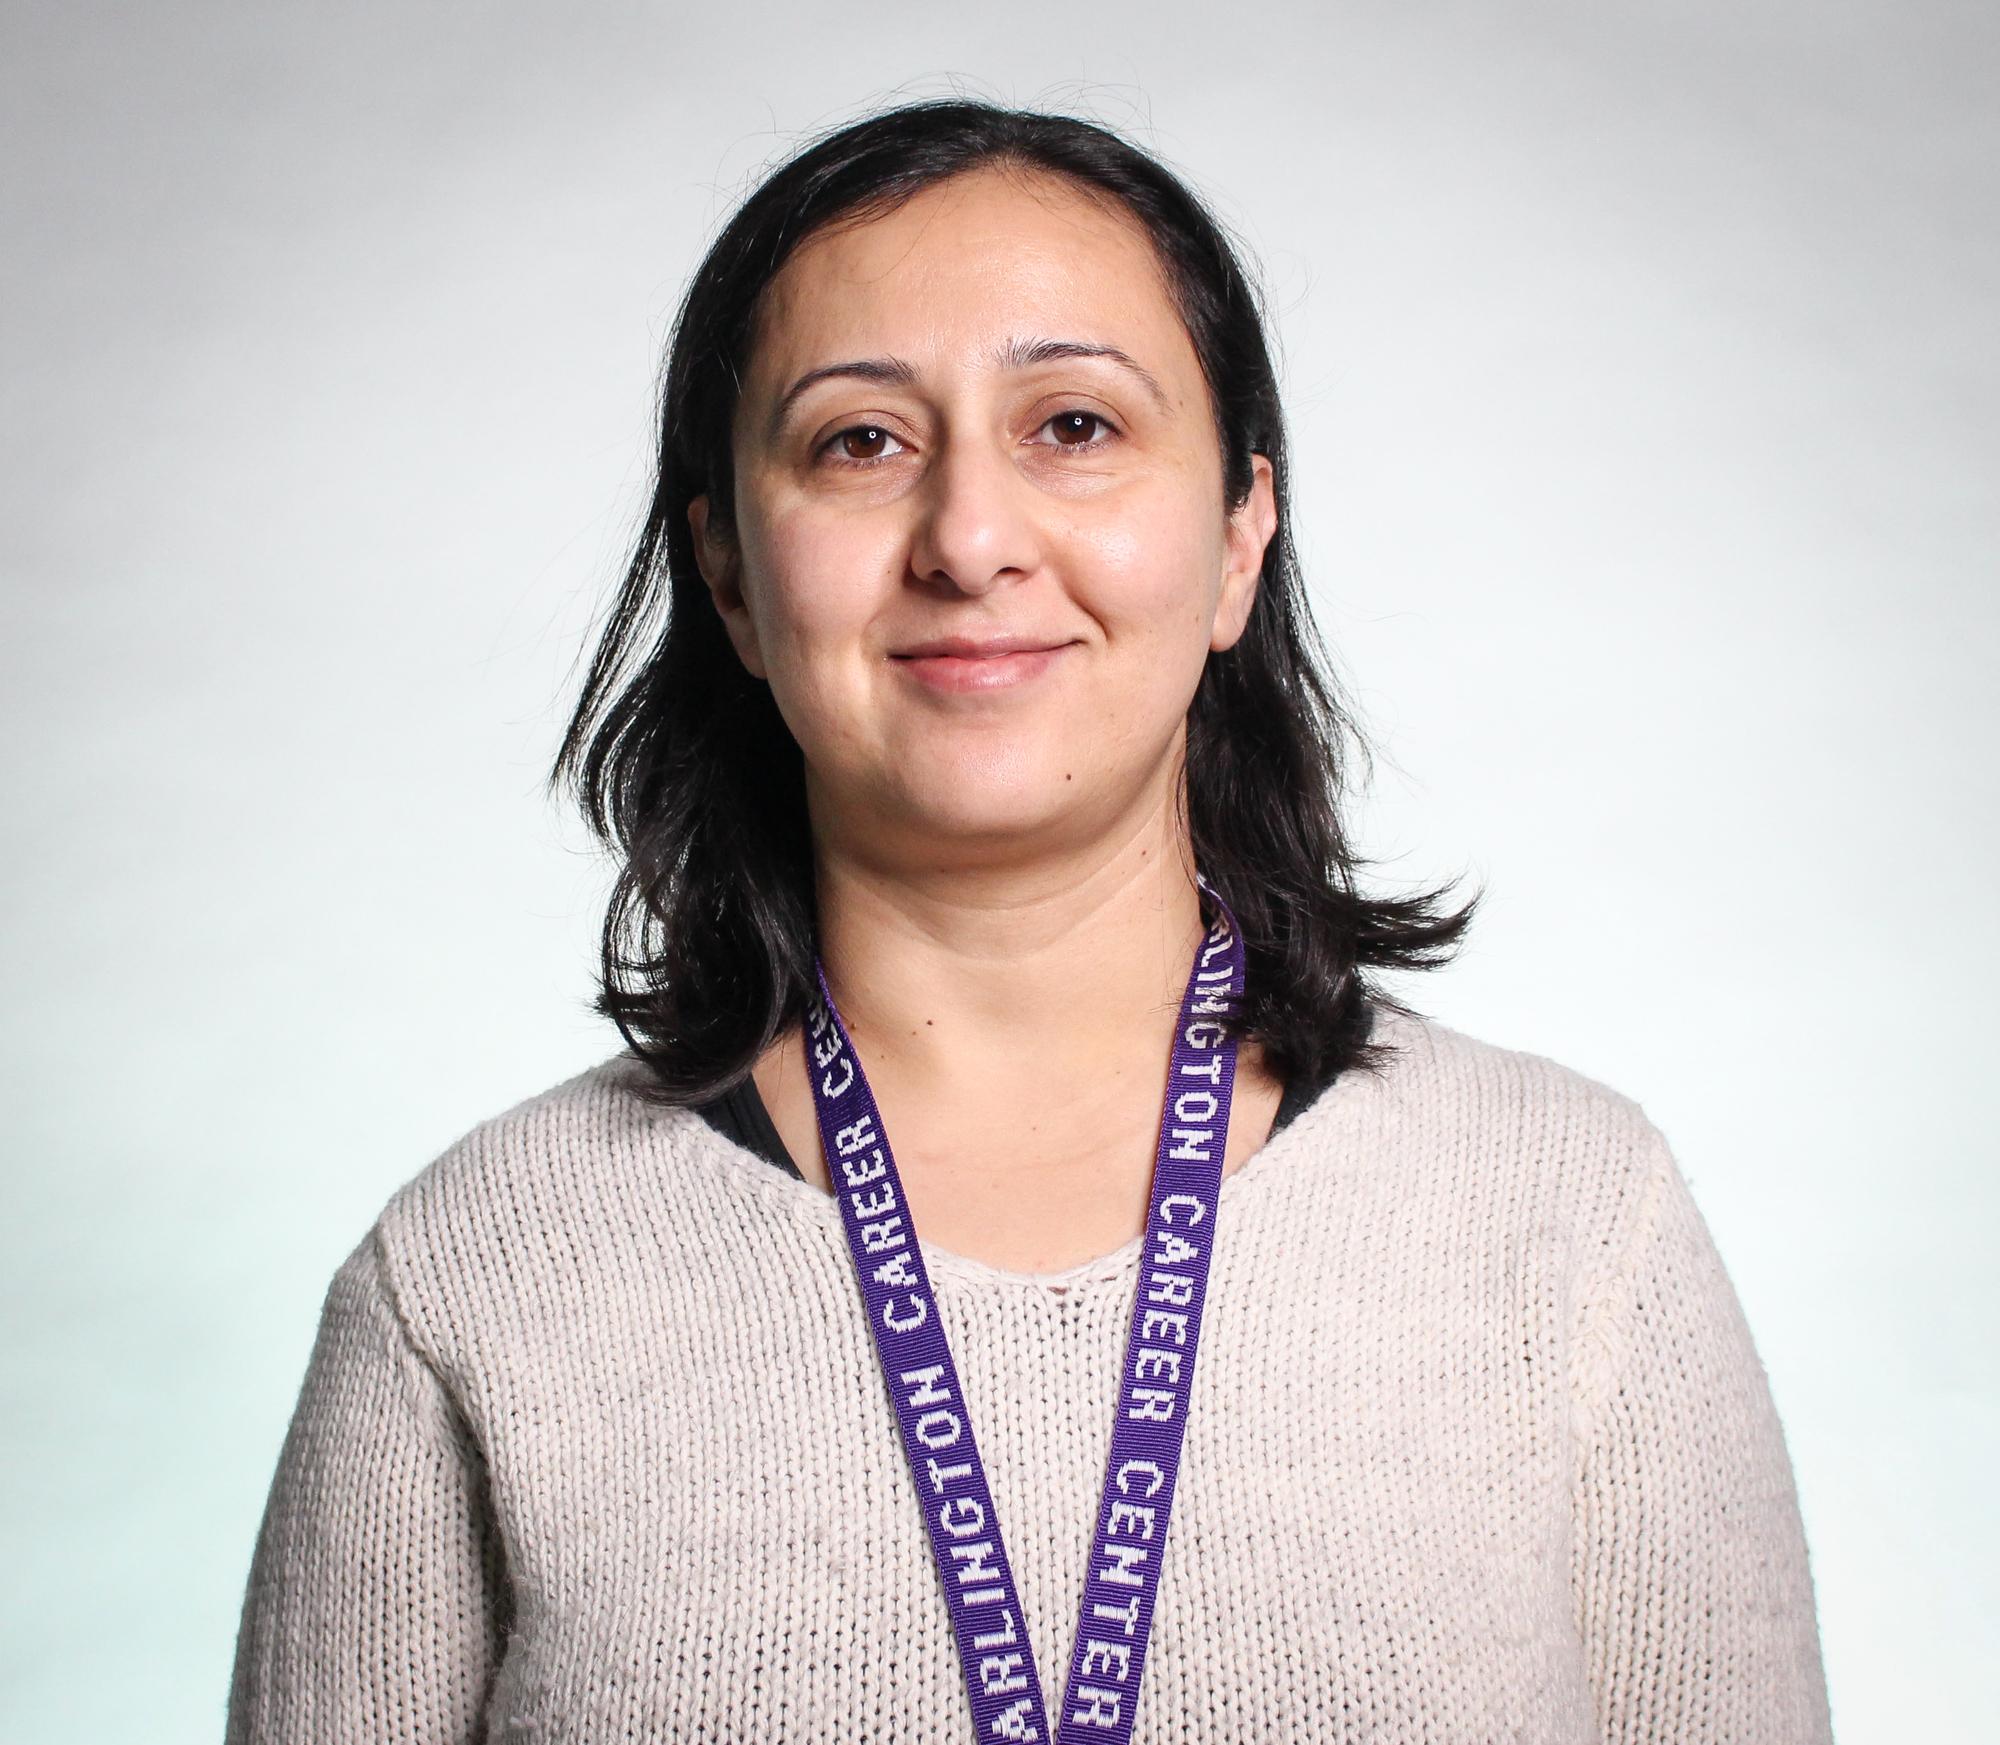 Ms. Sohilah Soliman